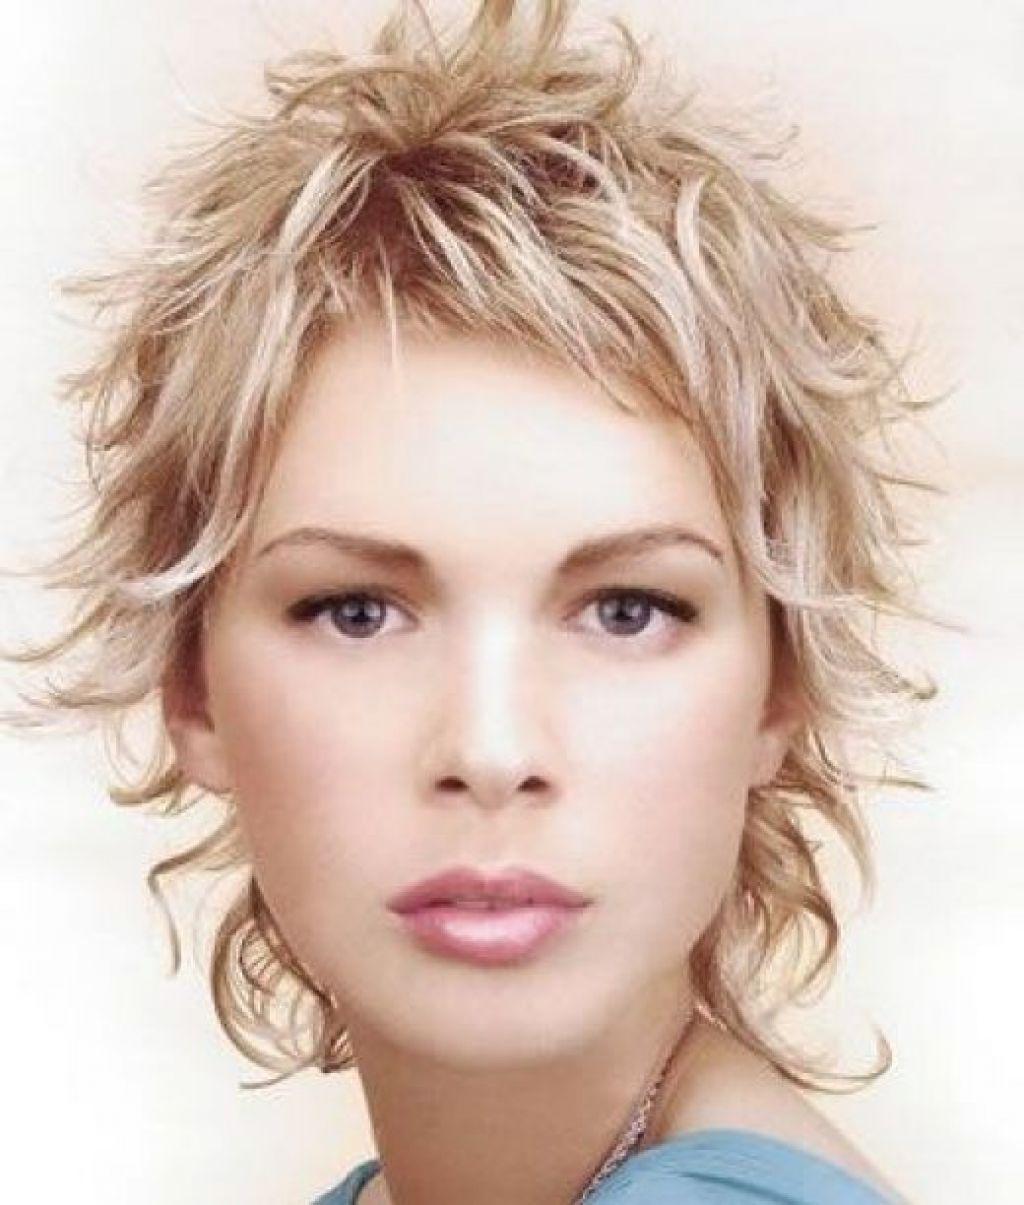 image59-1 | Модные женские стрижки на короткие волосы: основные правила и варианты исполнения